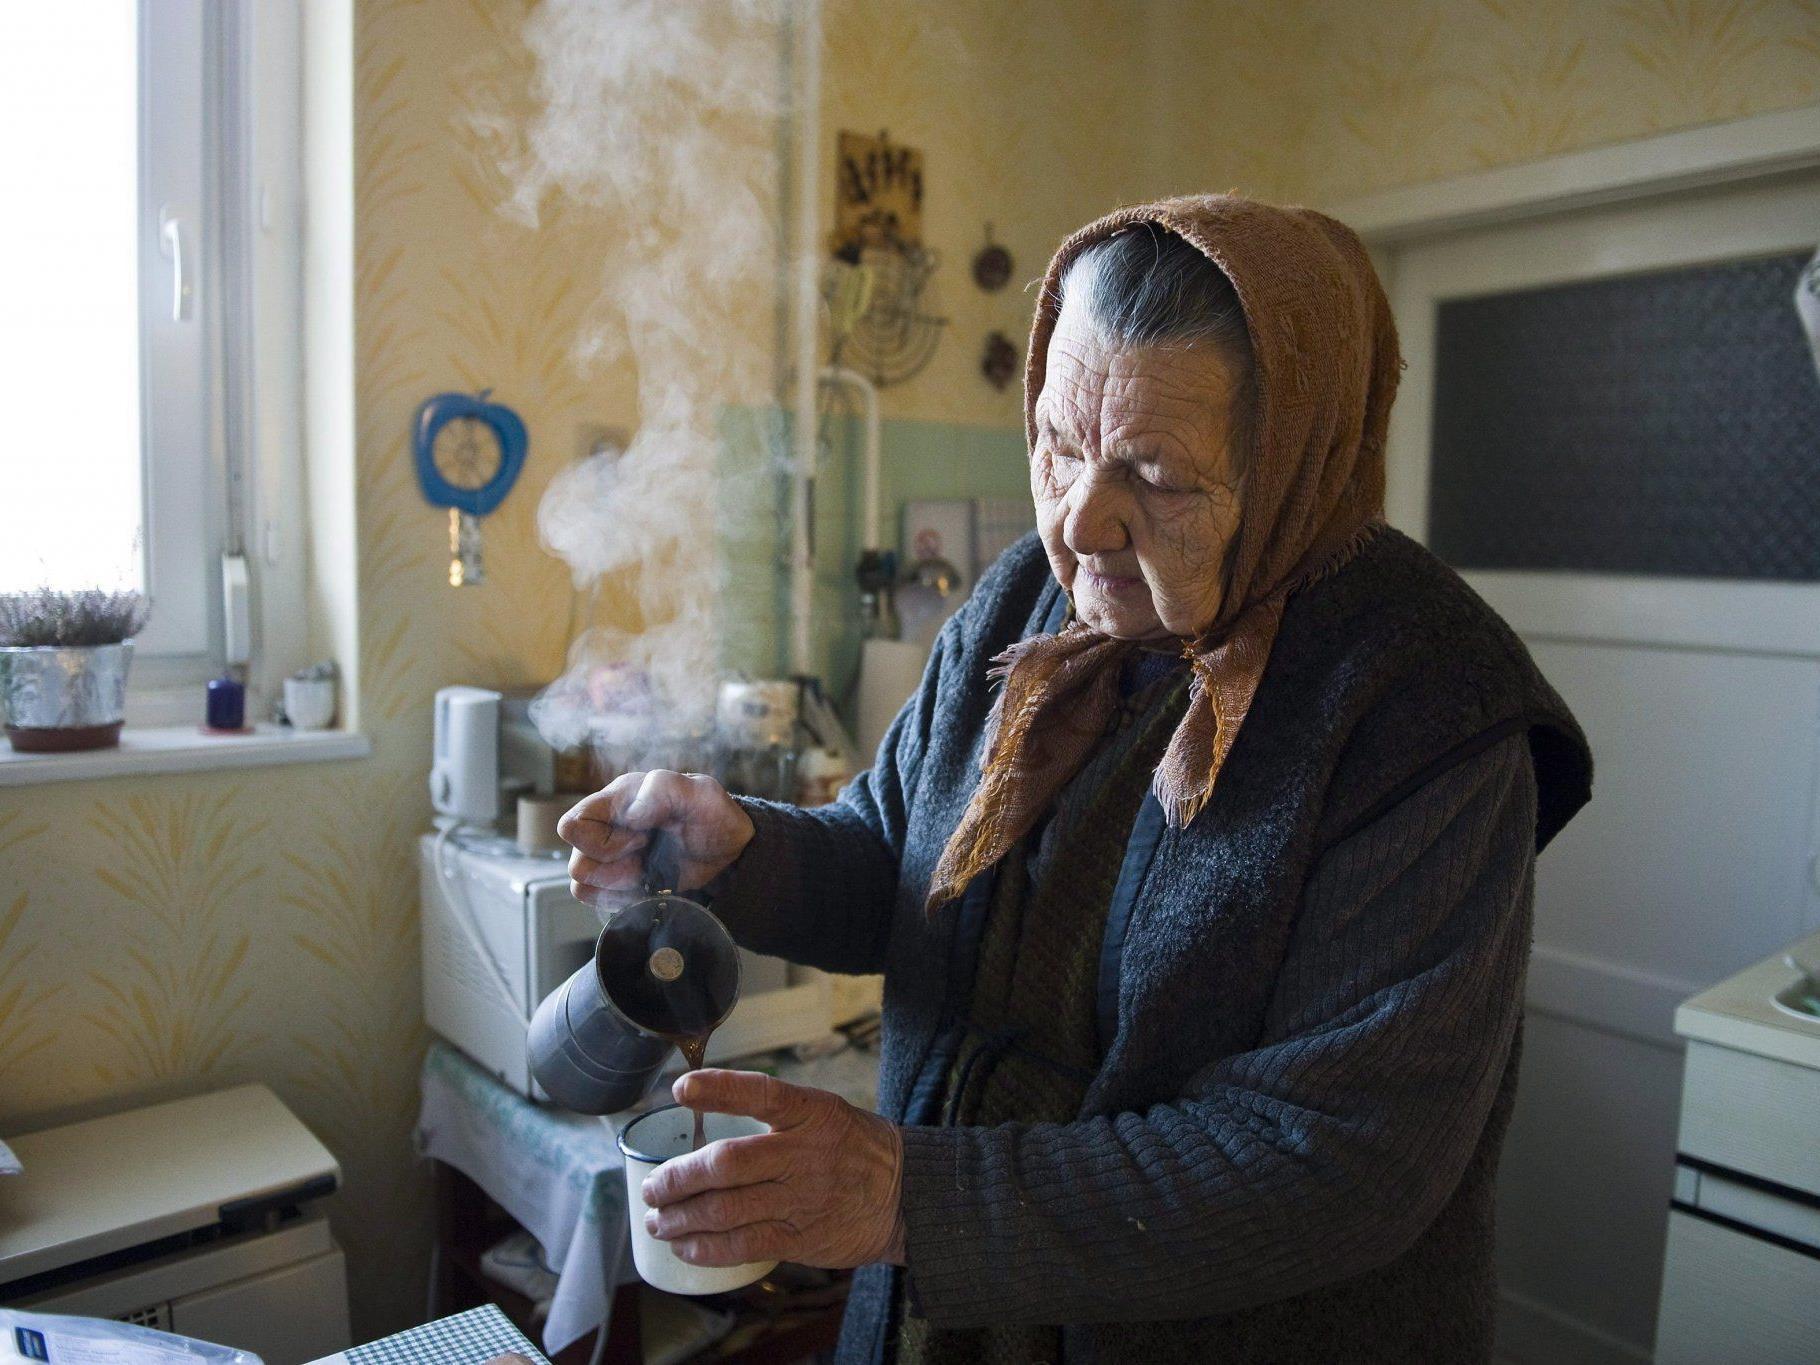 Als Folge der zunehmenden Verarmung, haben viele Menschen in Ungarn nicht genügend Geld für Lebensmittel und Heizmaterial.